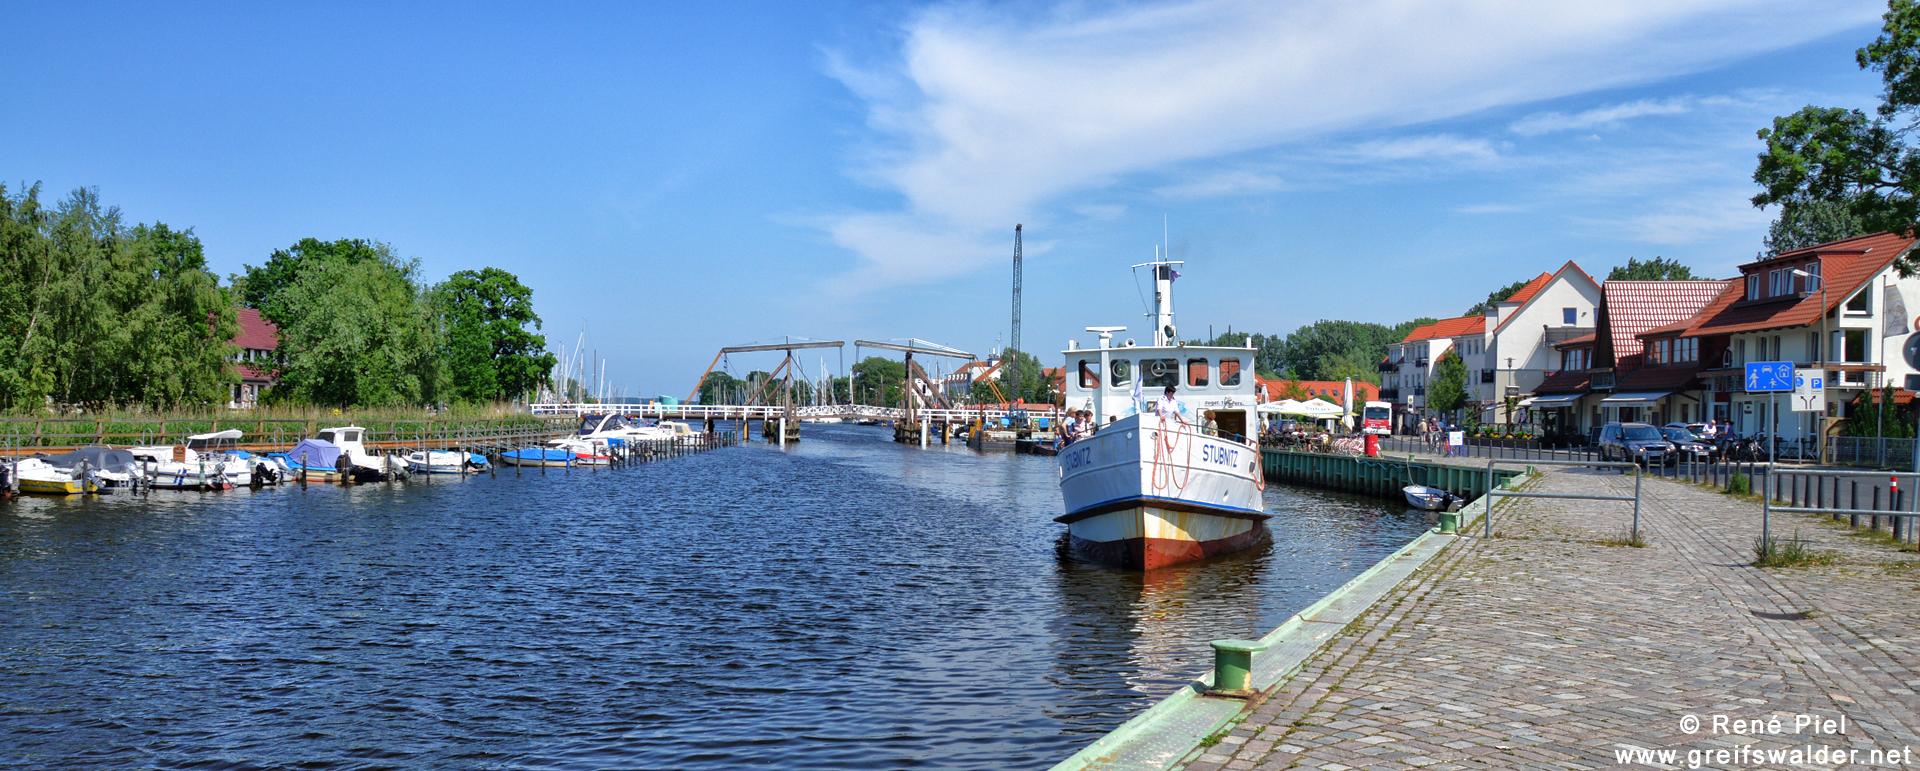 MS Stubnitz in Greifswald-Wieck